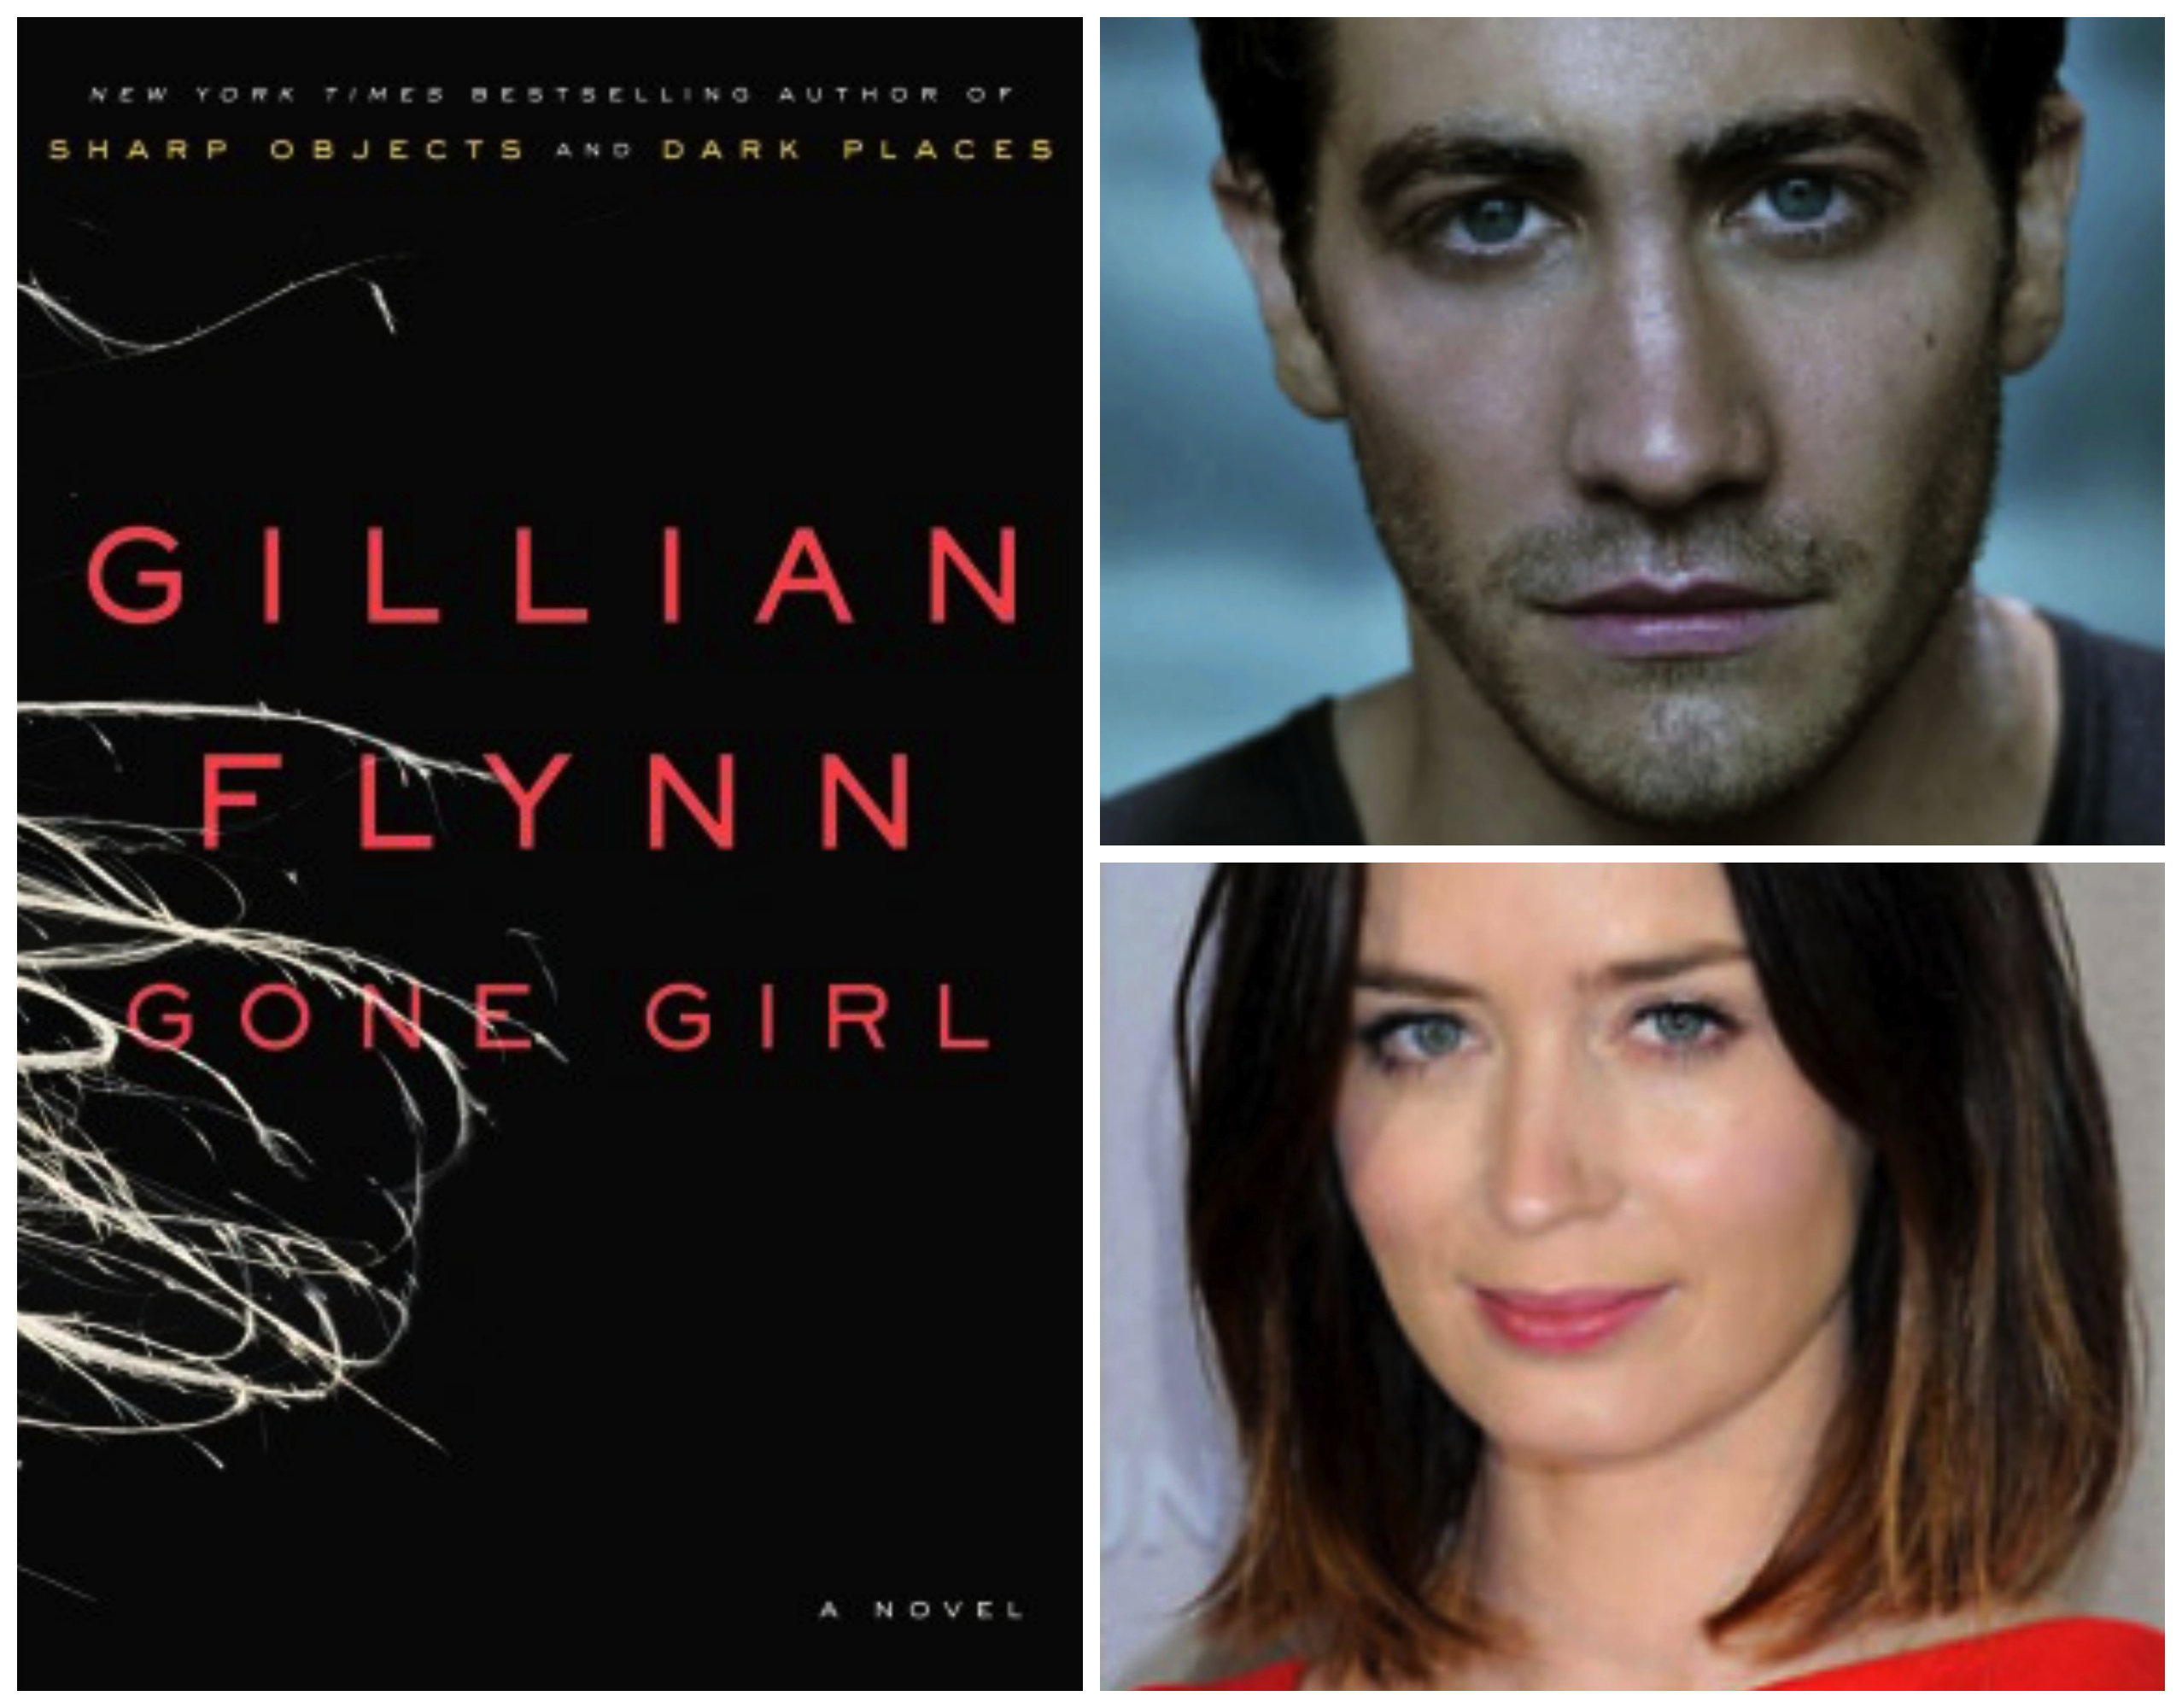 Casting GONE GIRL by Gillian Flynn